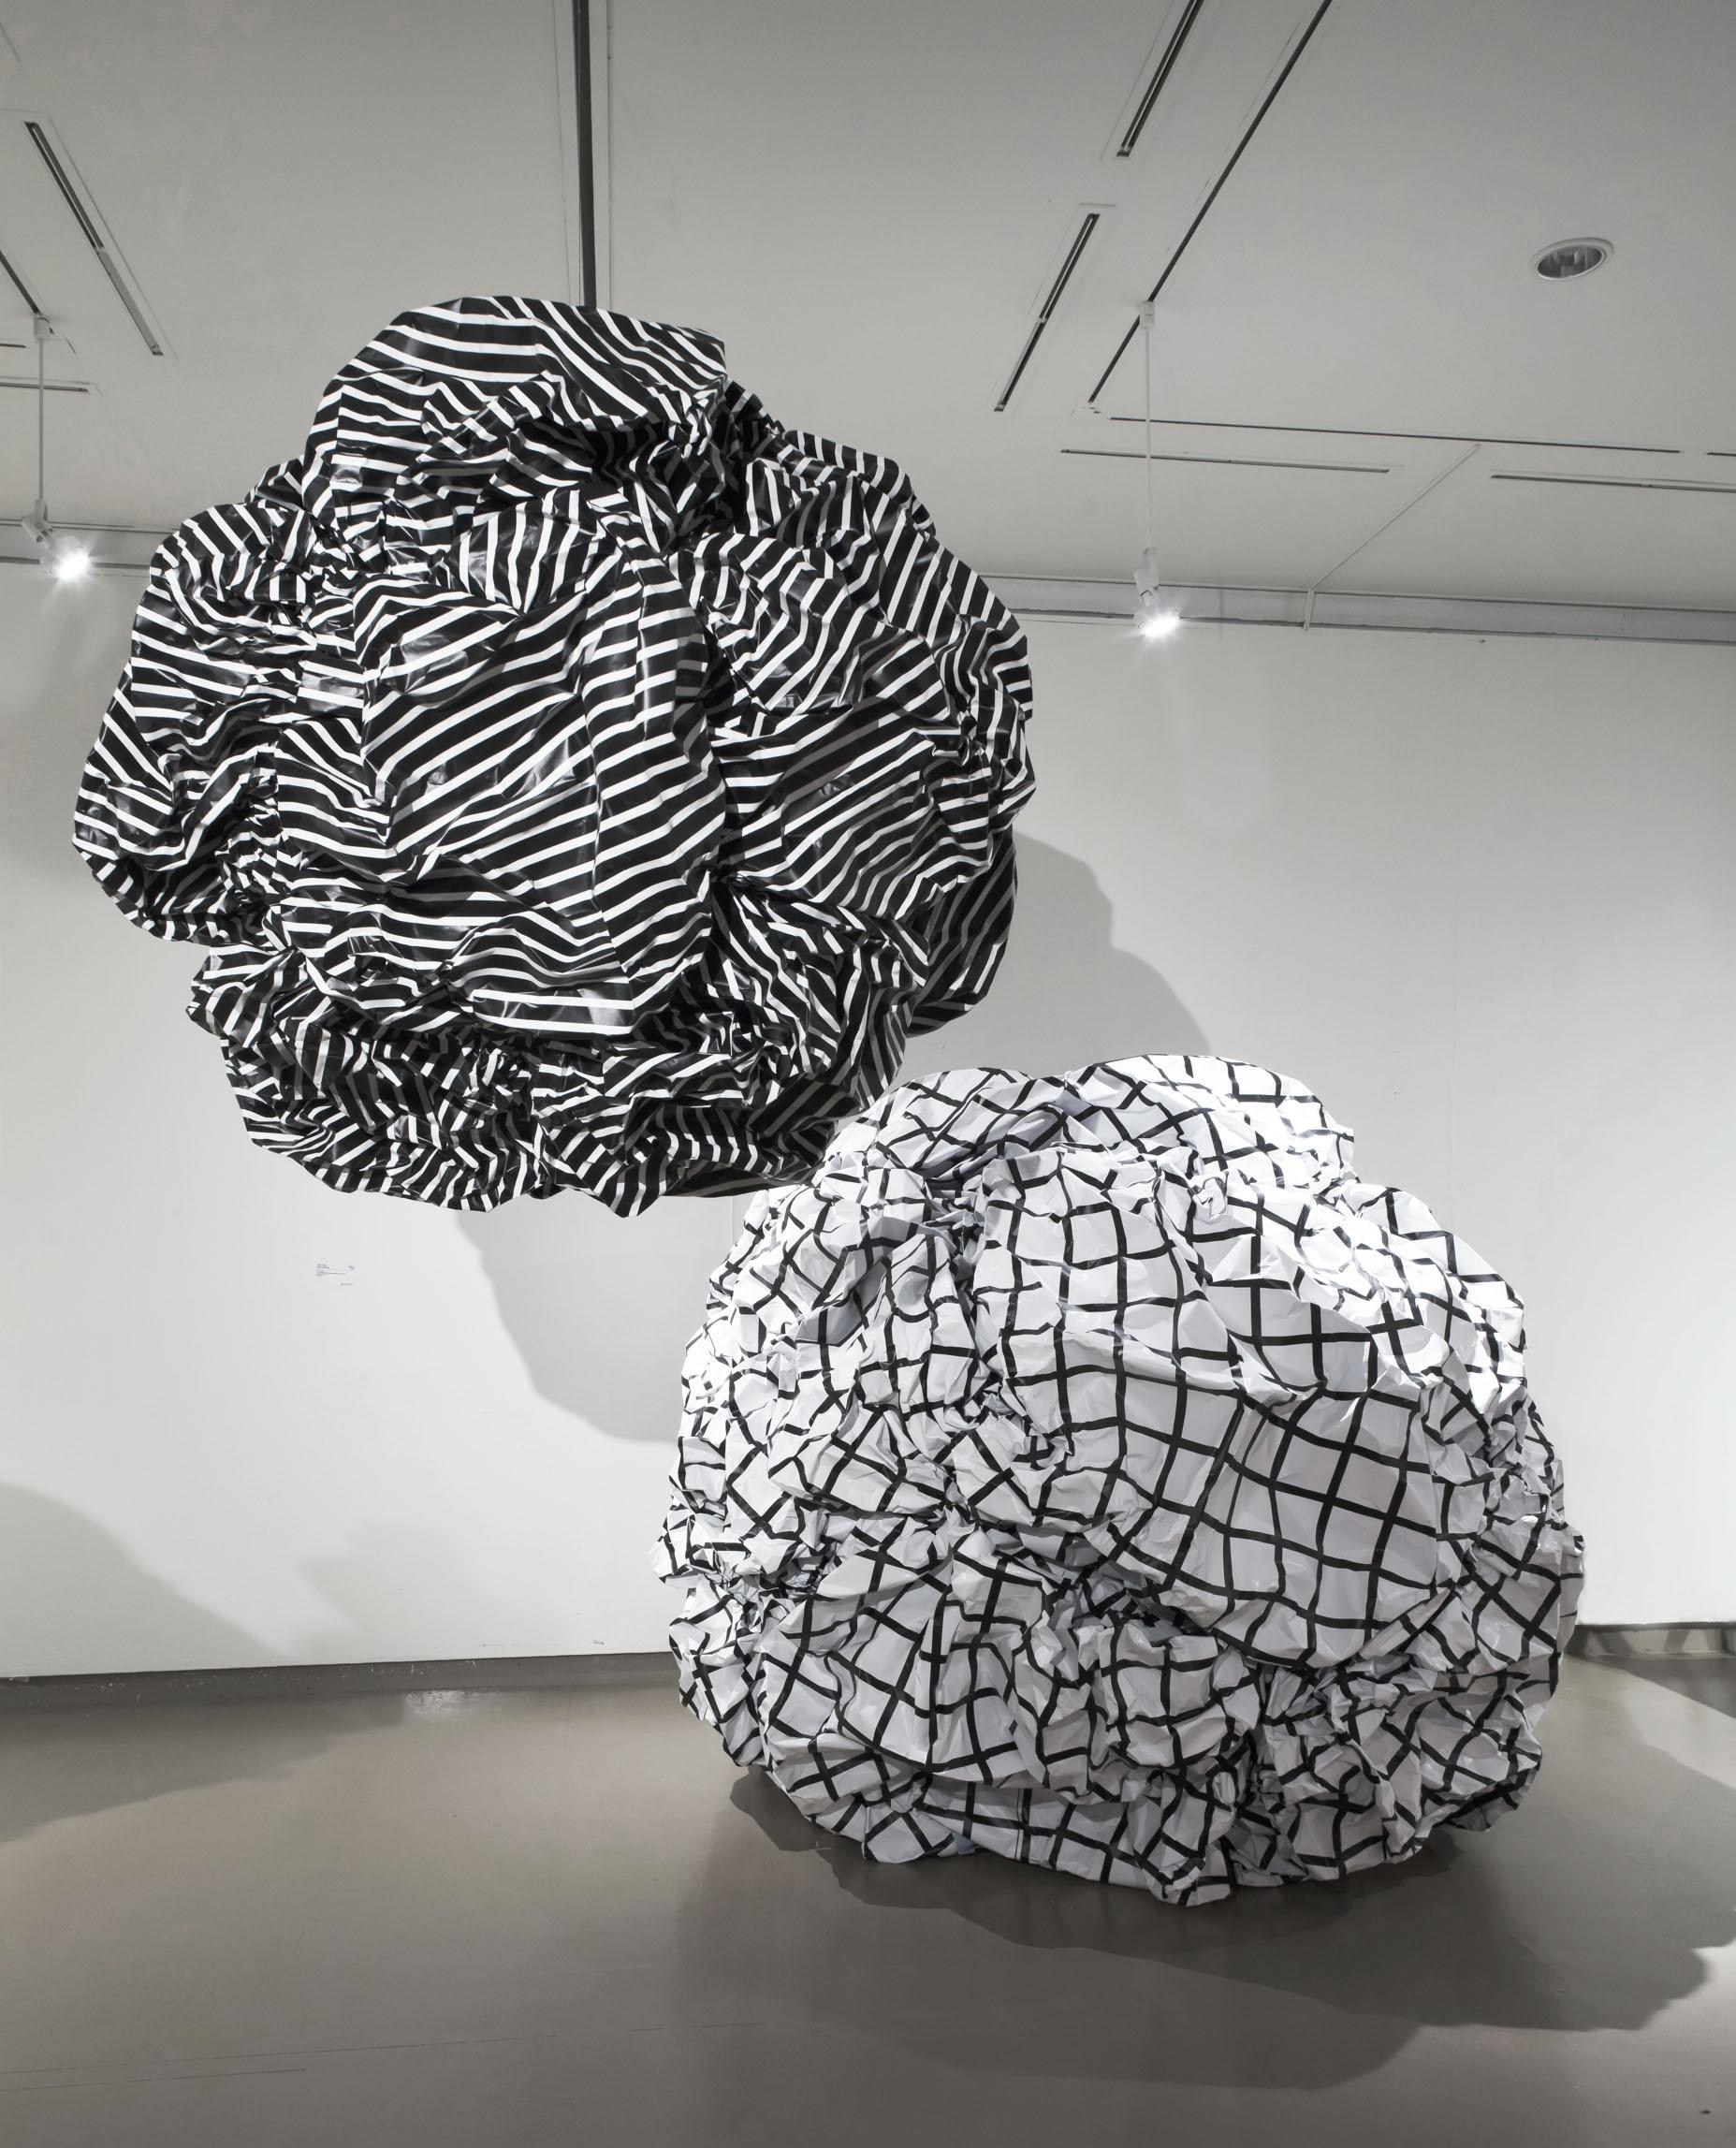 Changwon Sculpture Biennale 2020, South Korea